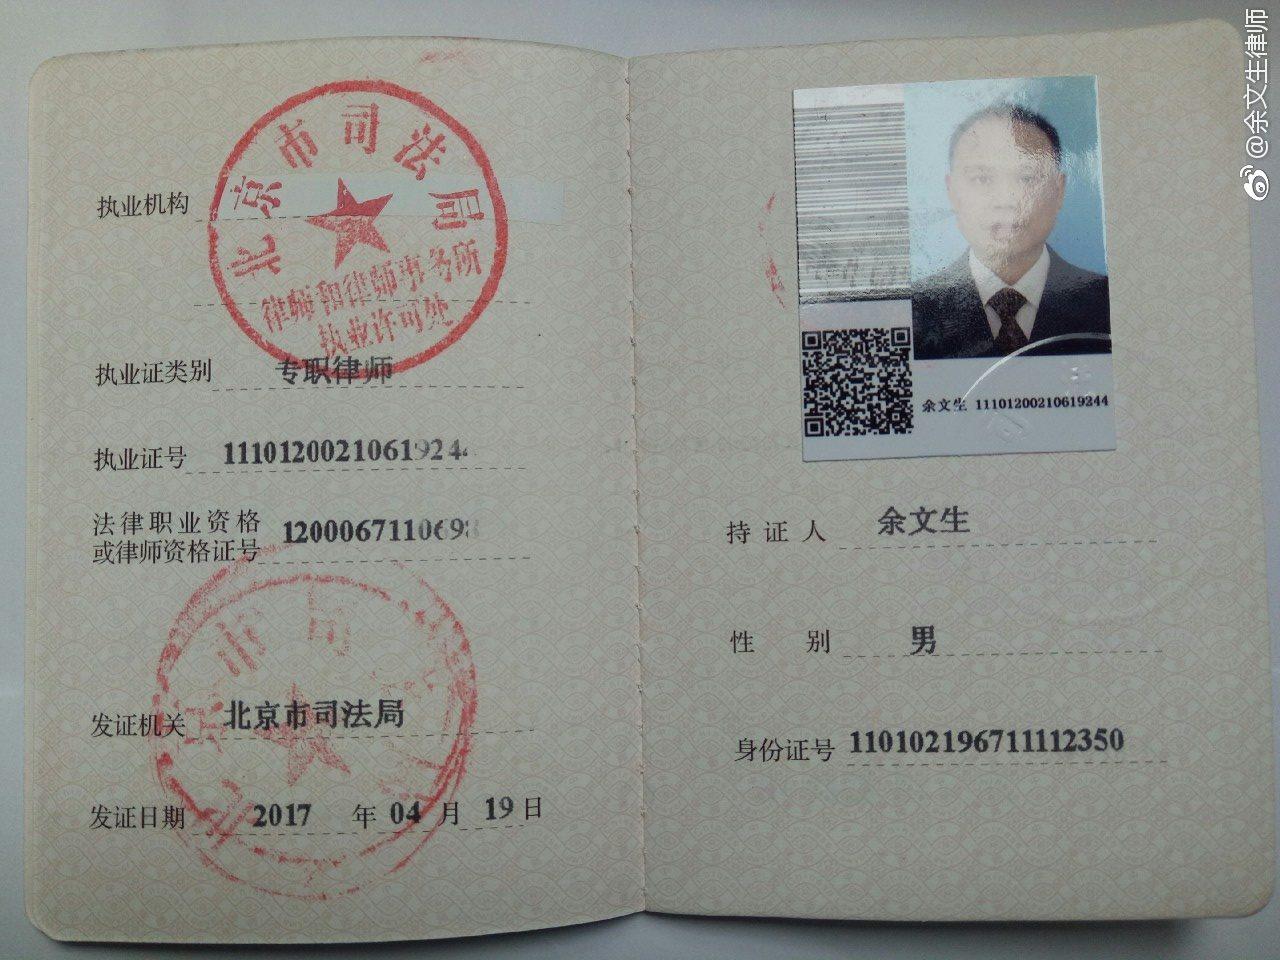 关于余文生律师执业、年检及代理王全璋案的简要说明